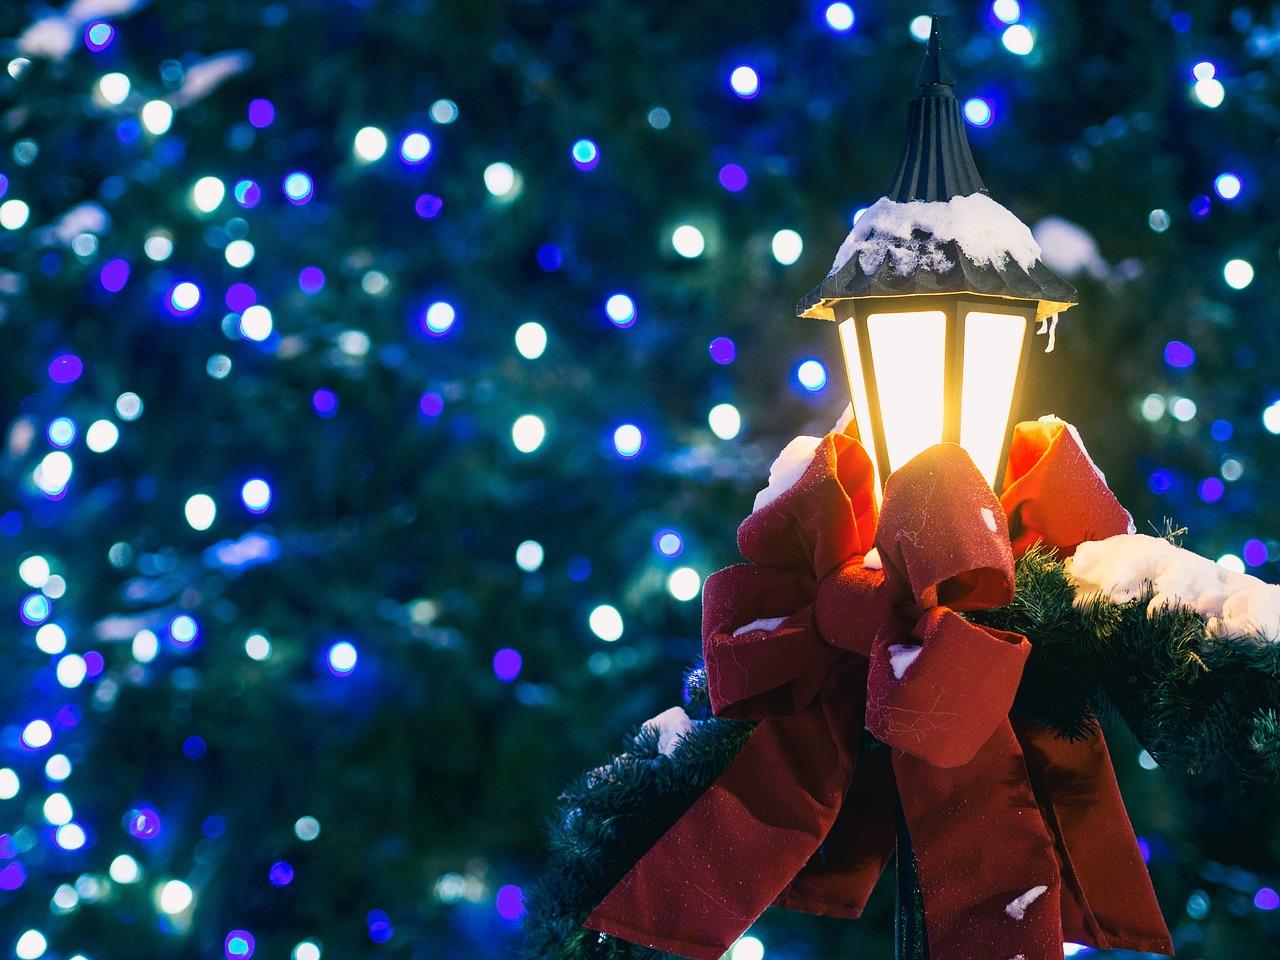 рождественский свет картинки науруз